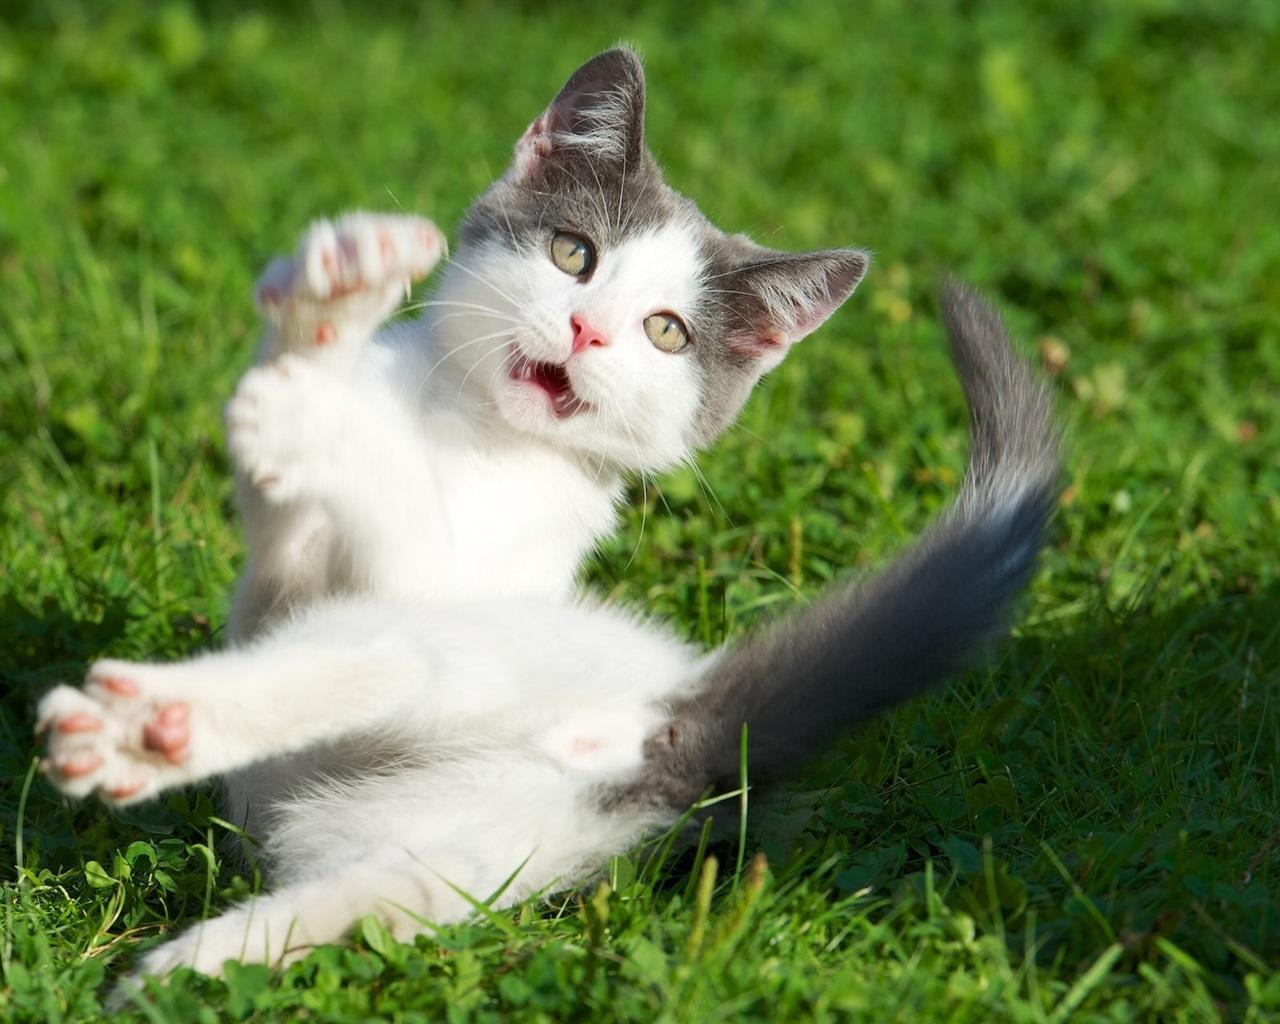 小猫惊讶的表情,草 壁纸图片